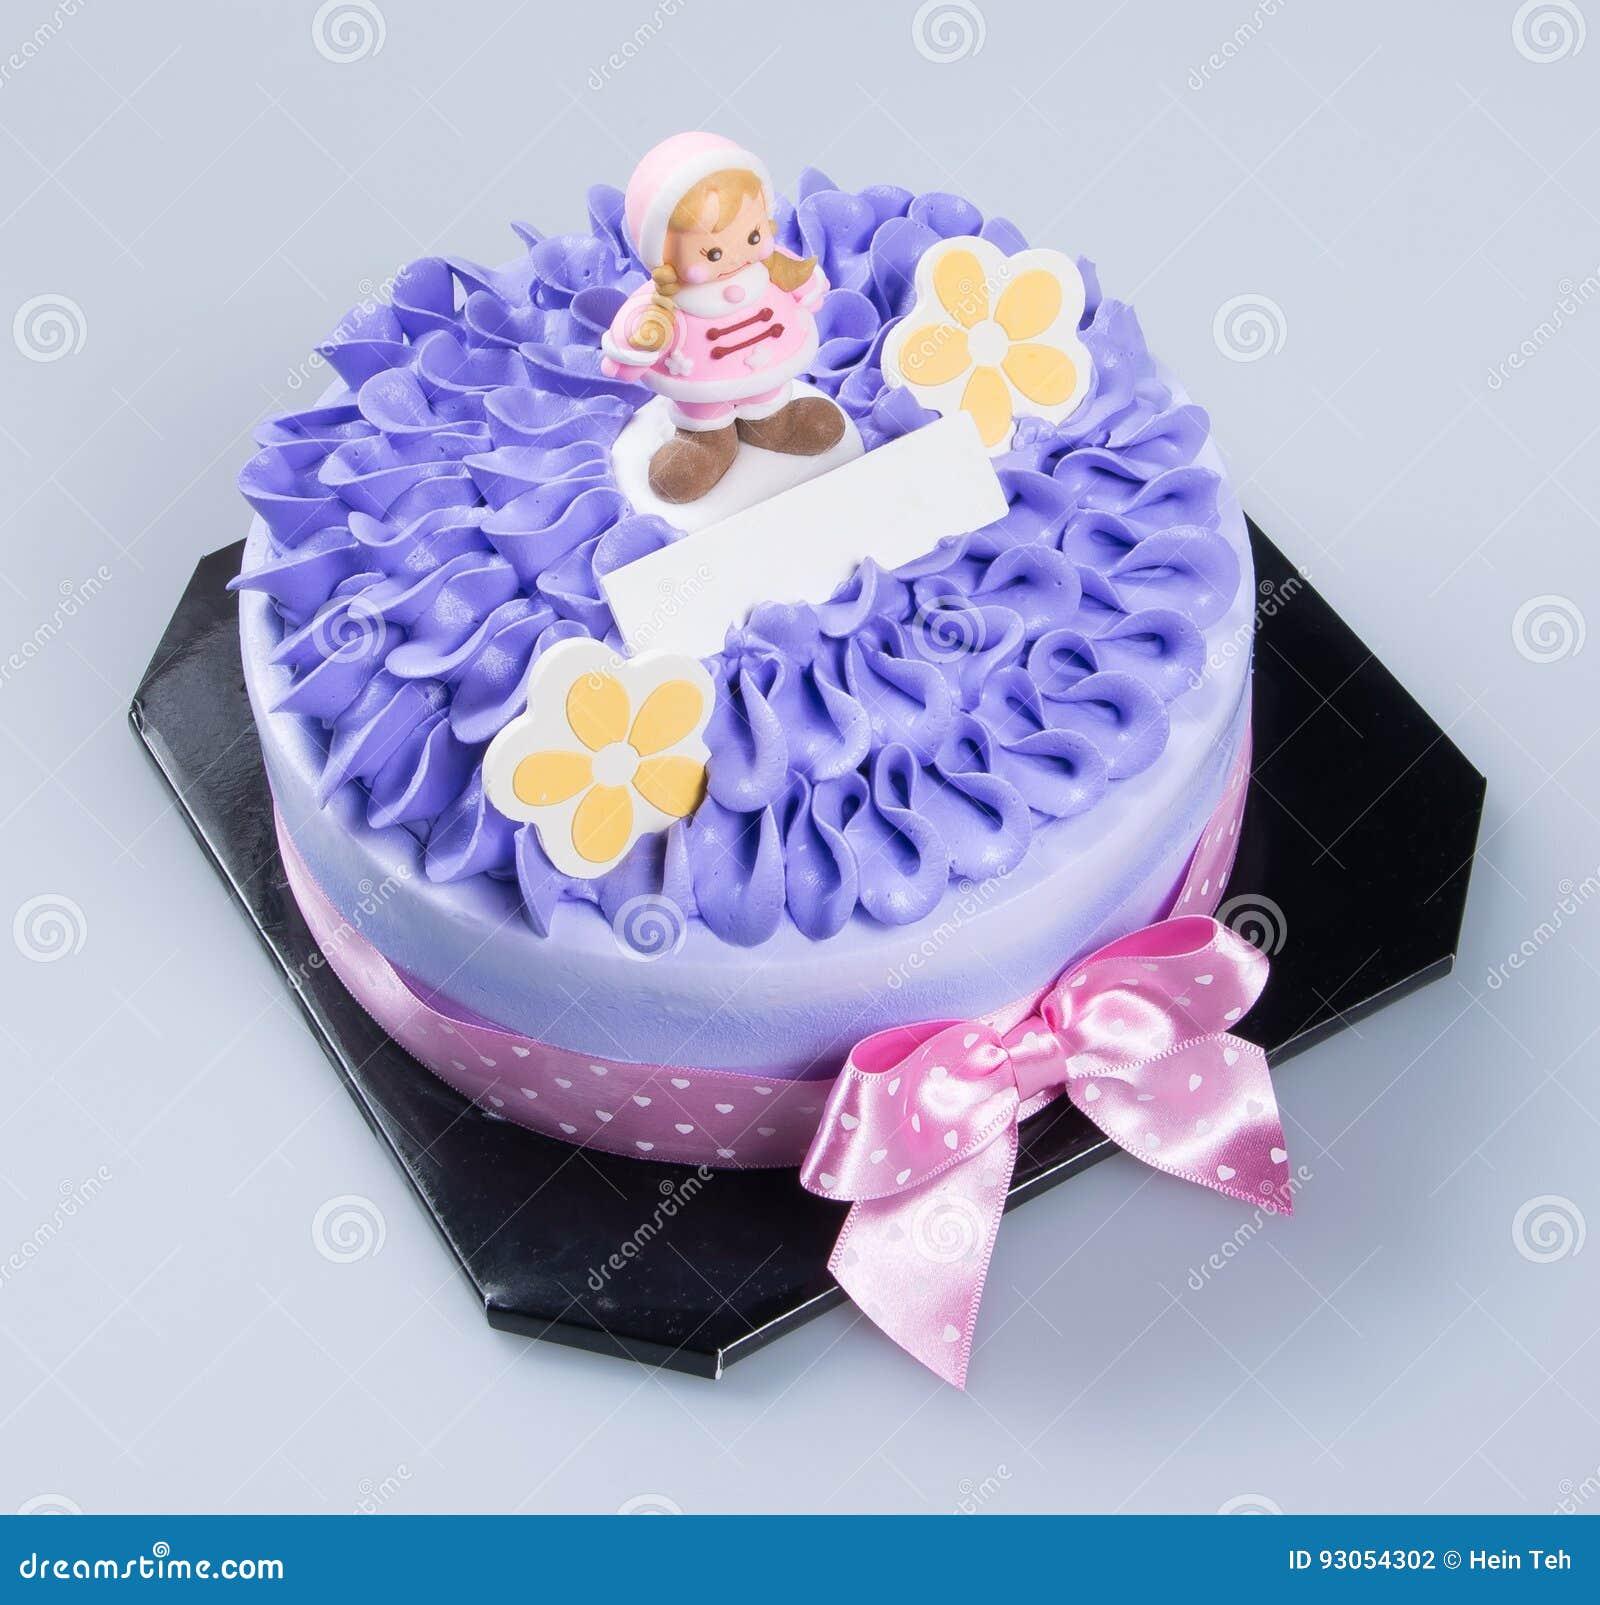 Kuchen Glucklicher Muttertageskuchen Auf Einem Hintergrund Stockfoto